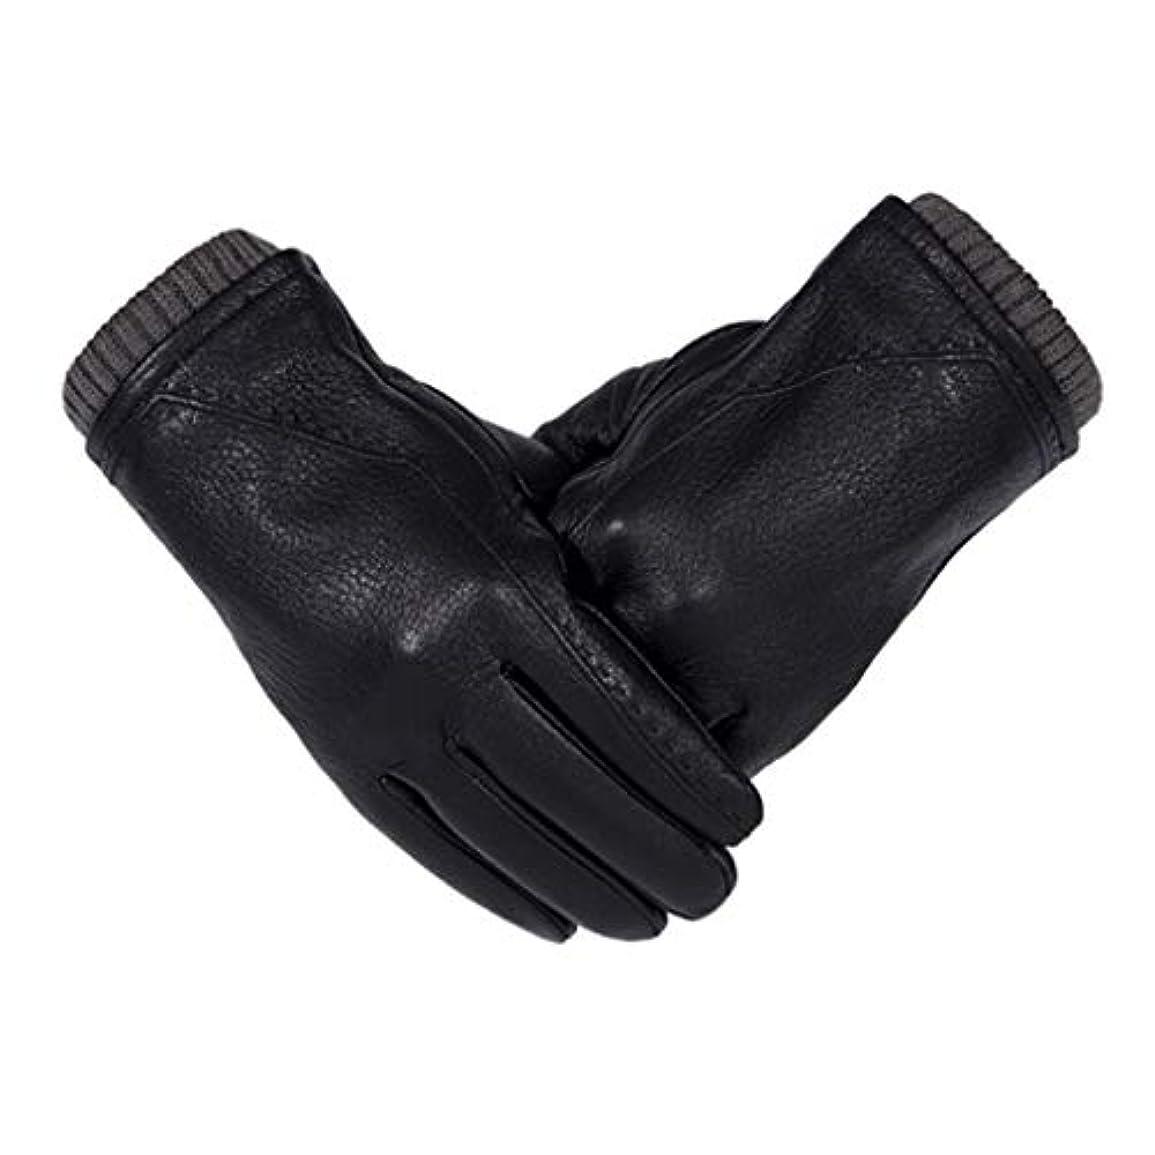 楽しいぺディカブ補償革の手袋男性の冬の厚いタッチタッチスクリーン駆動サイクリング男性の暖かい手袋